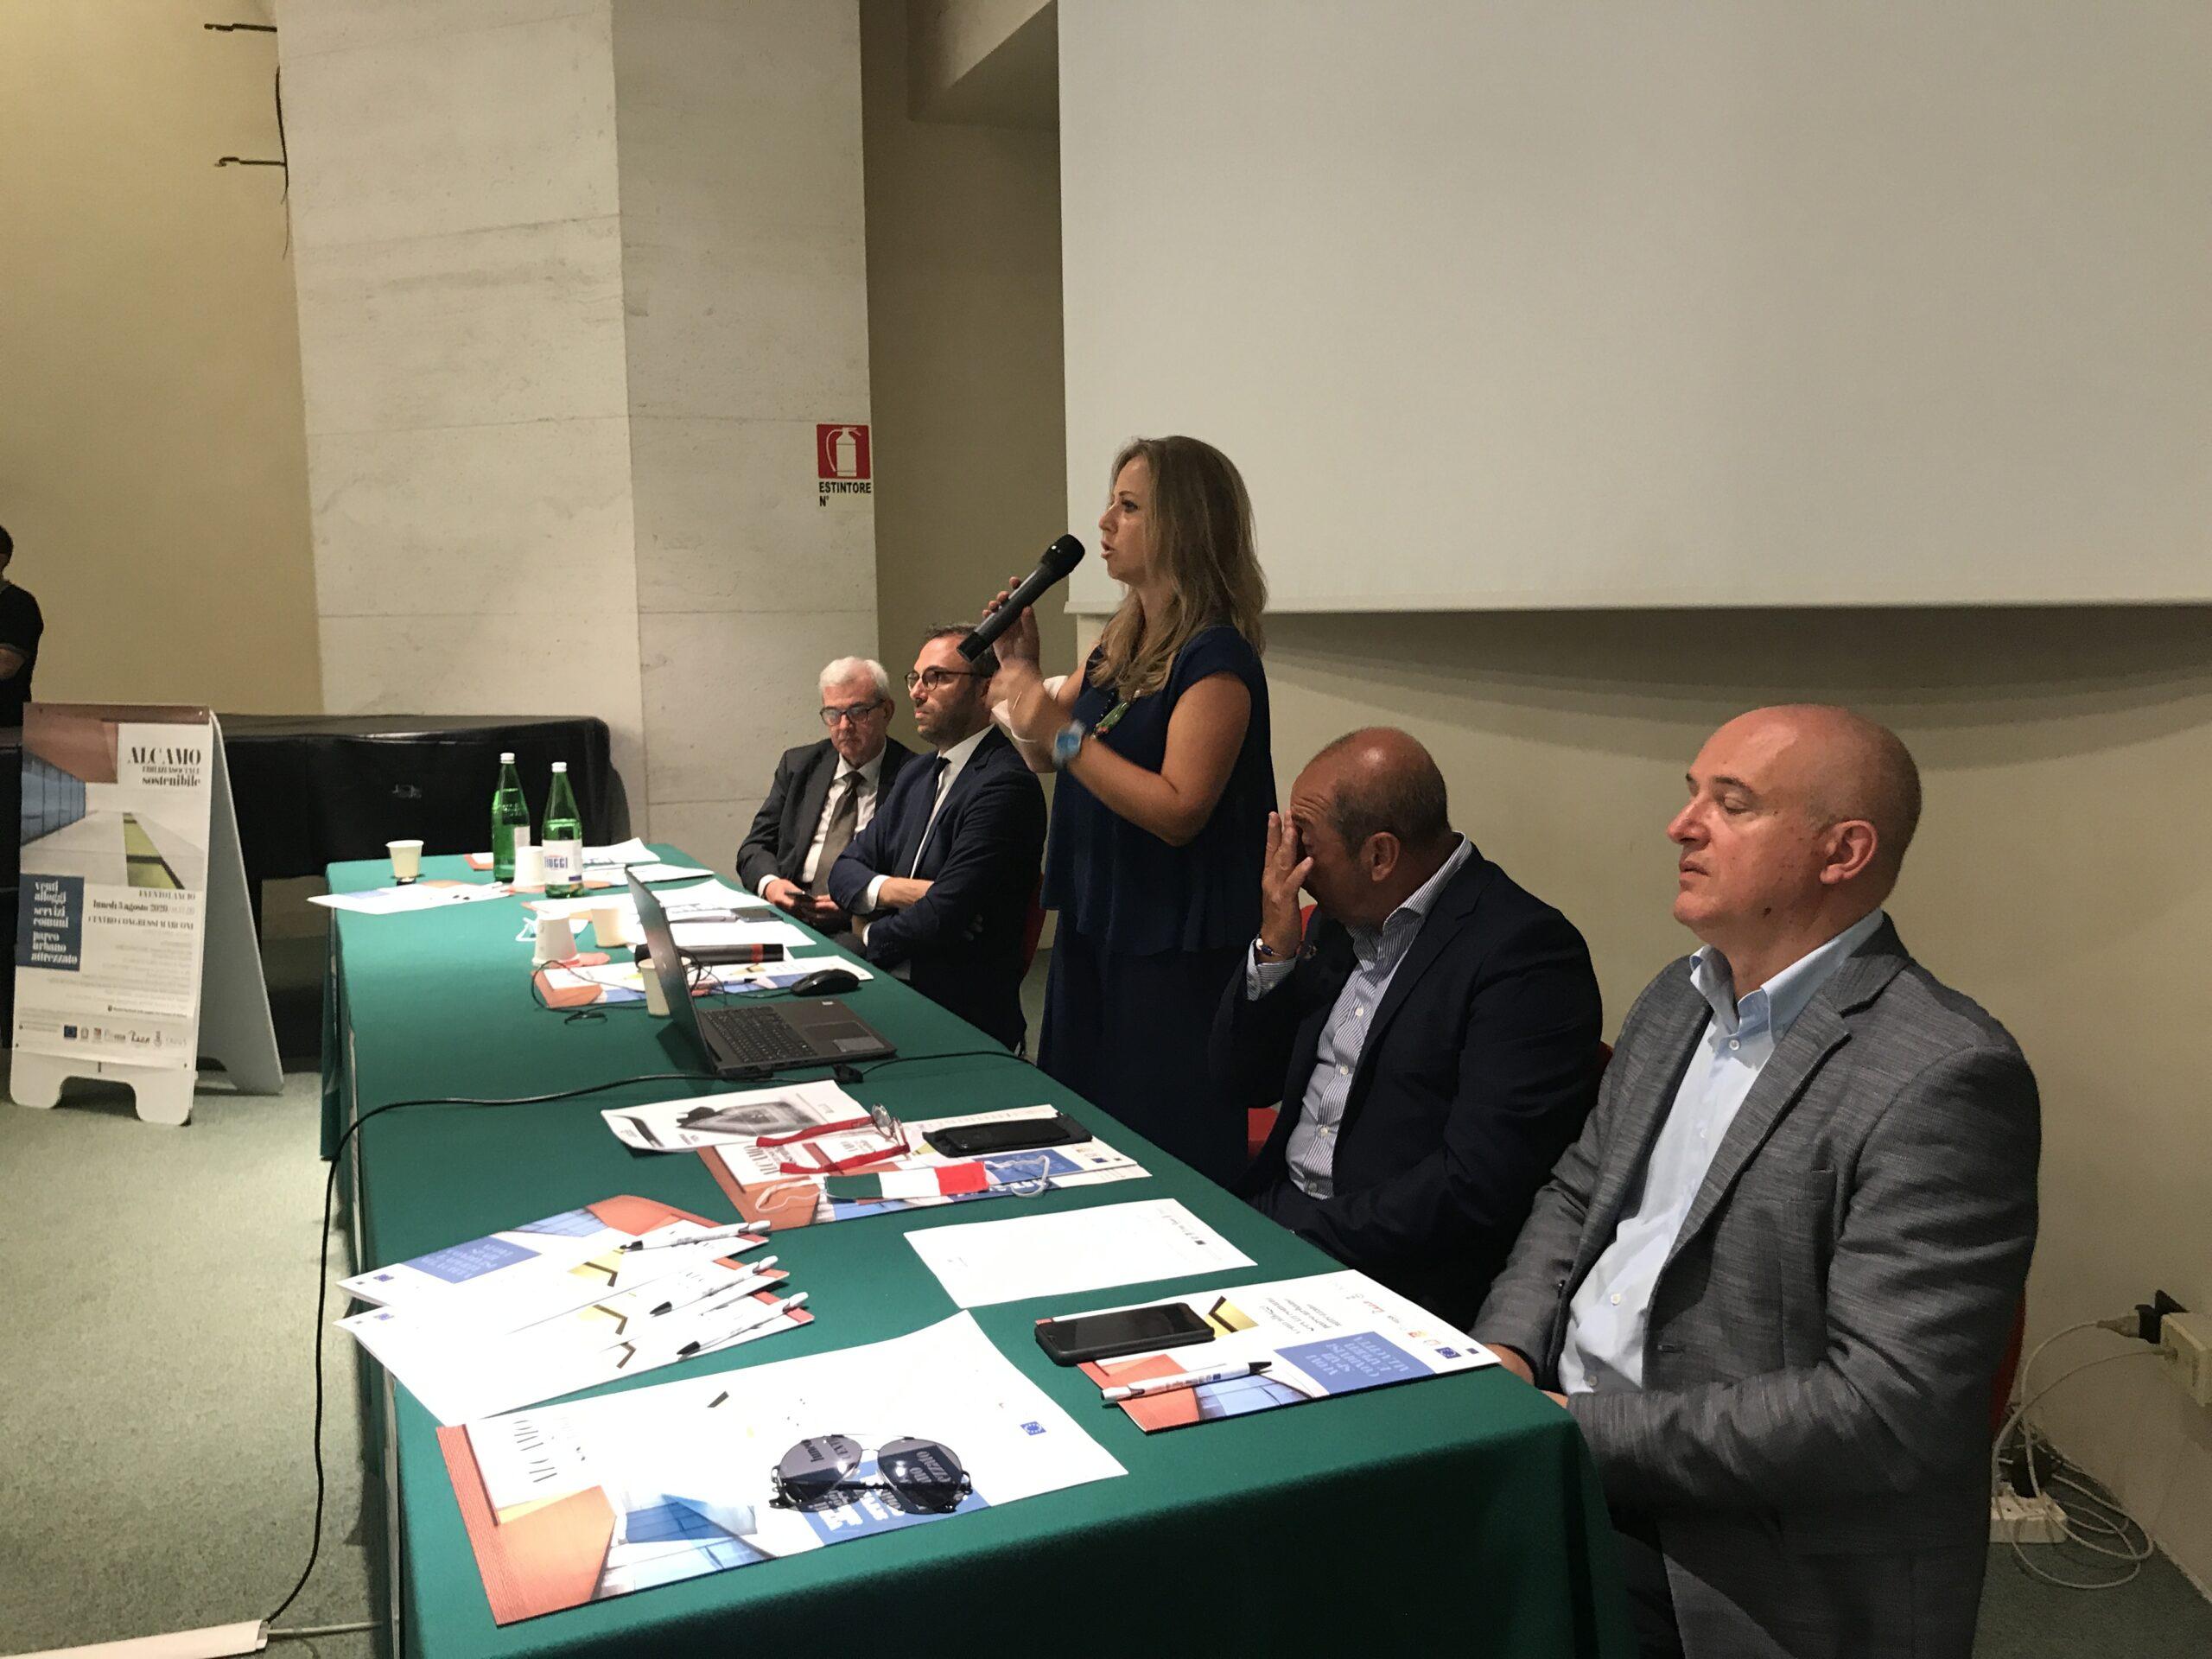 Edilizia Sociale Sostenibile: presentato il progetto ad AlcamoLe dichiarazioni degli intervenuti all'incontro che si è svolto presso il CentroCongressi Marcon